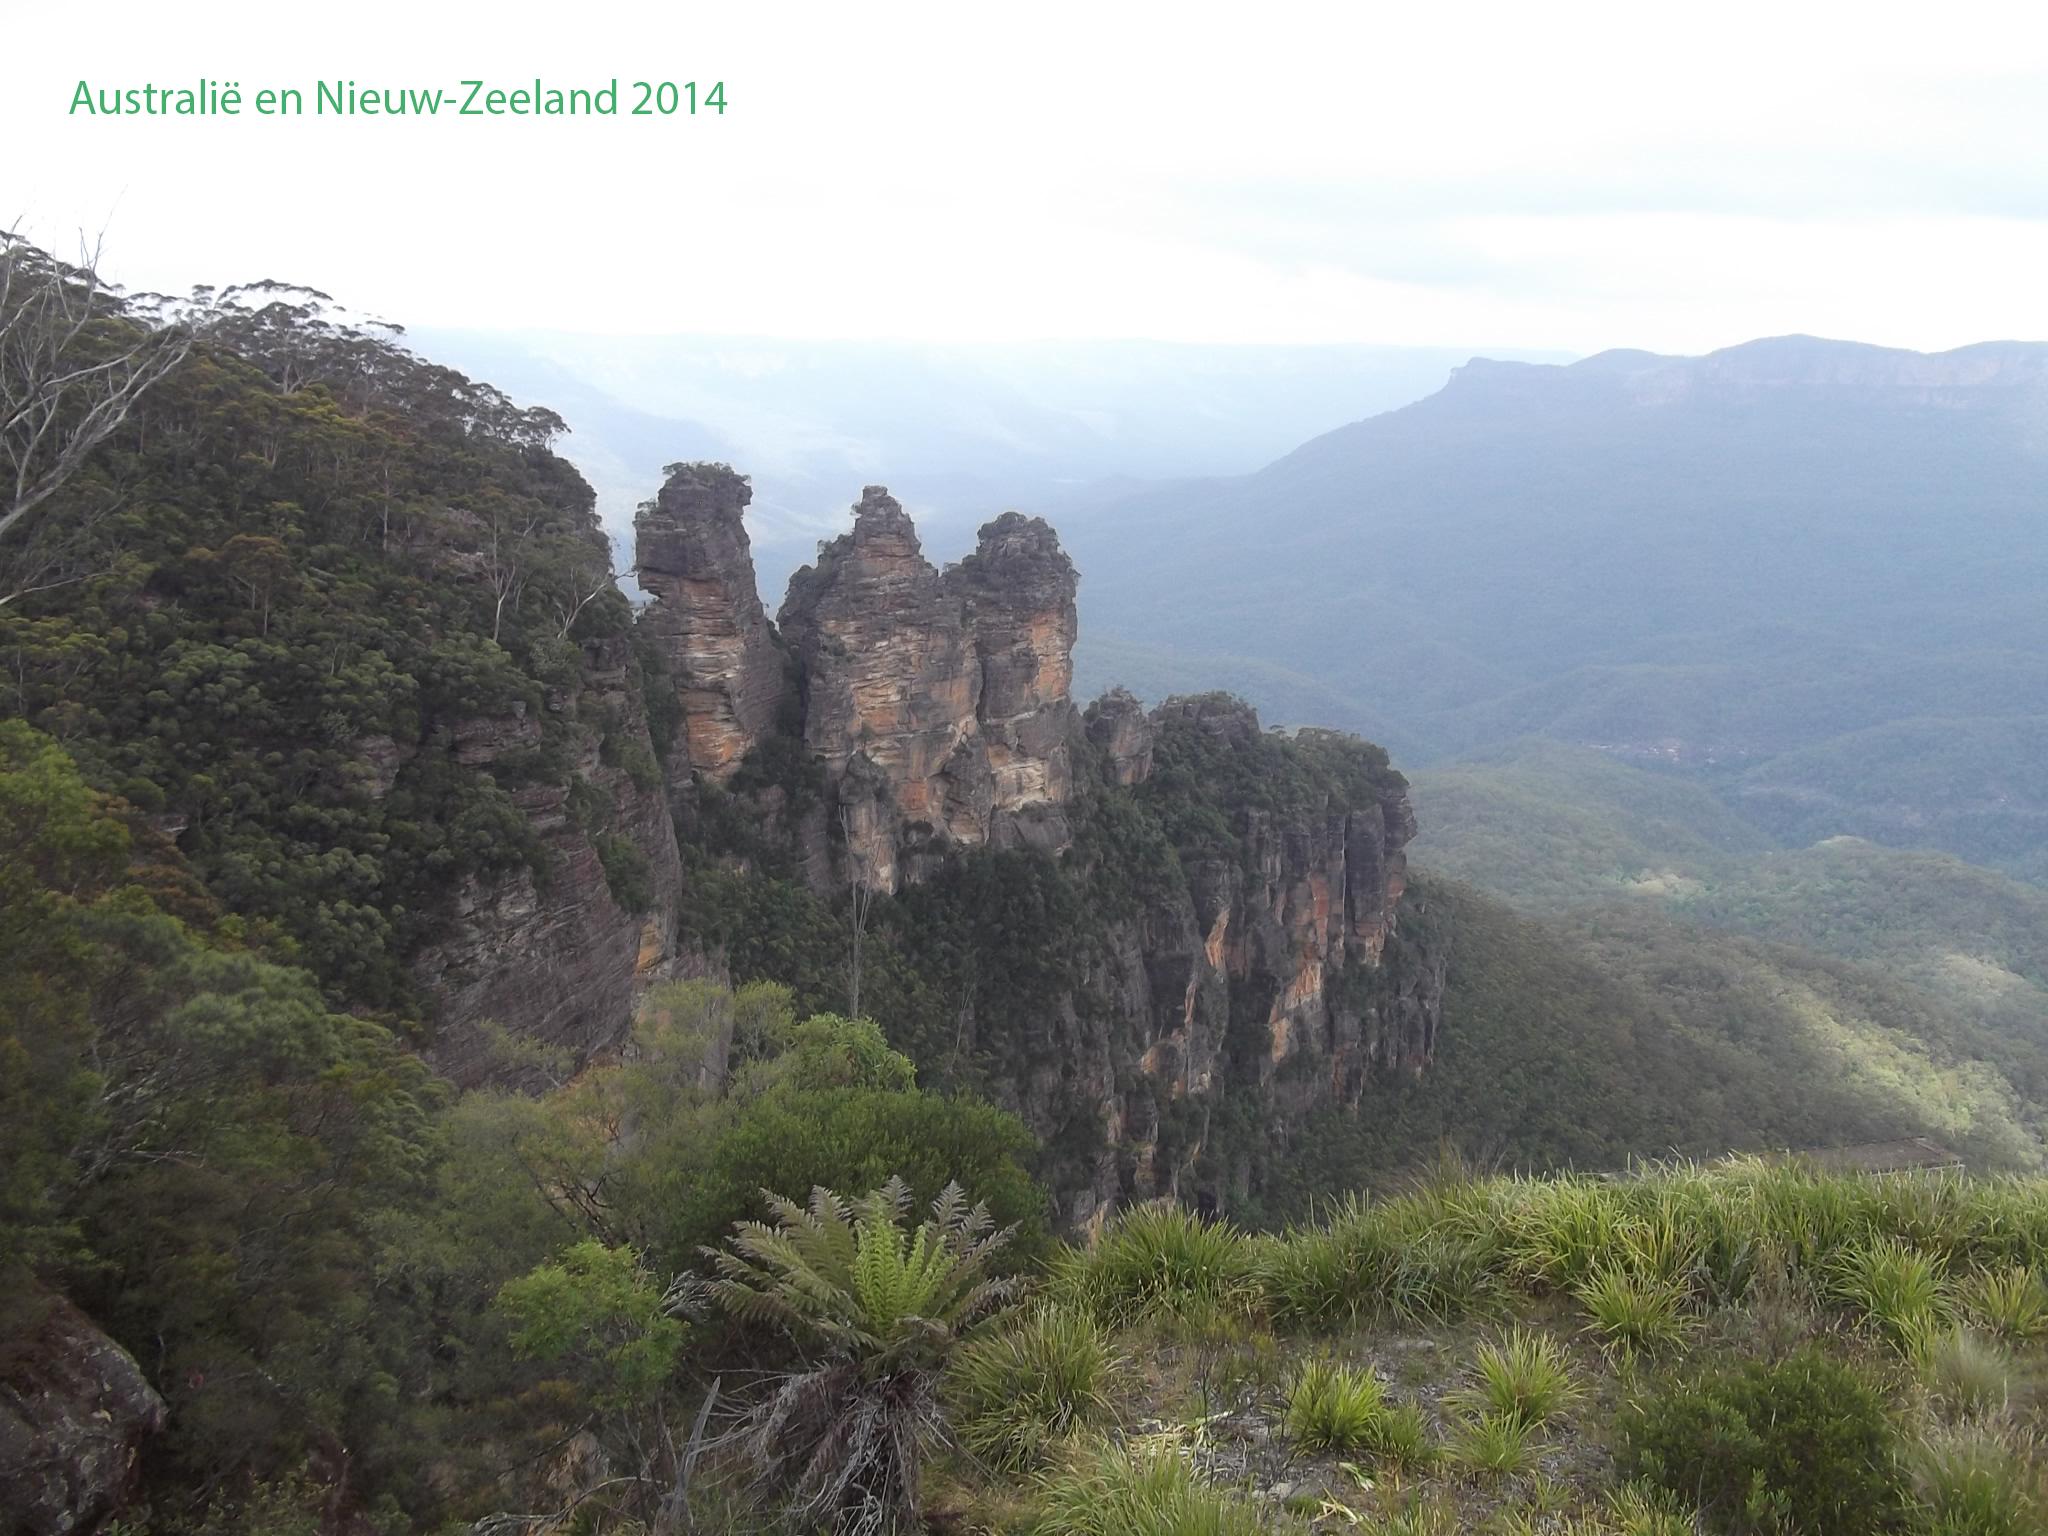 Australië en Nieuw-Zeeland 2014